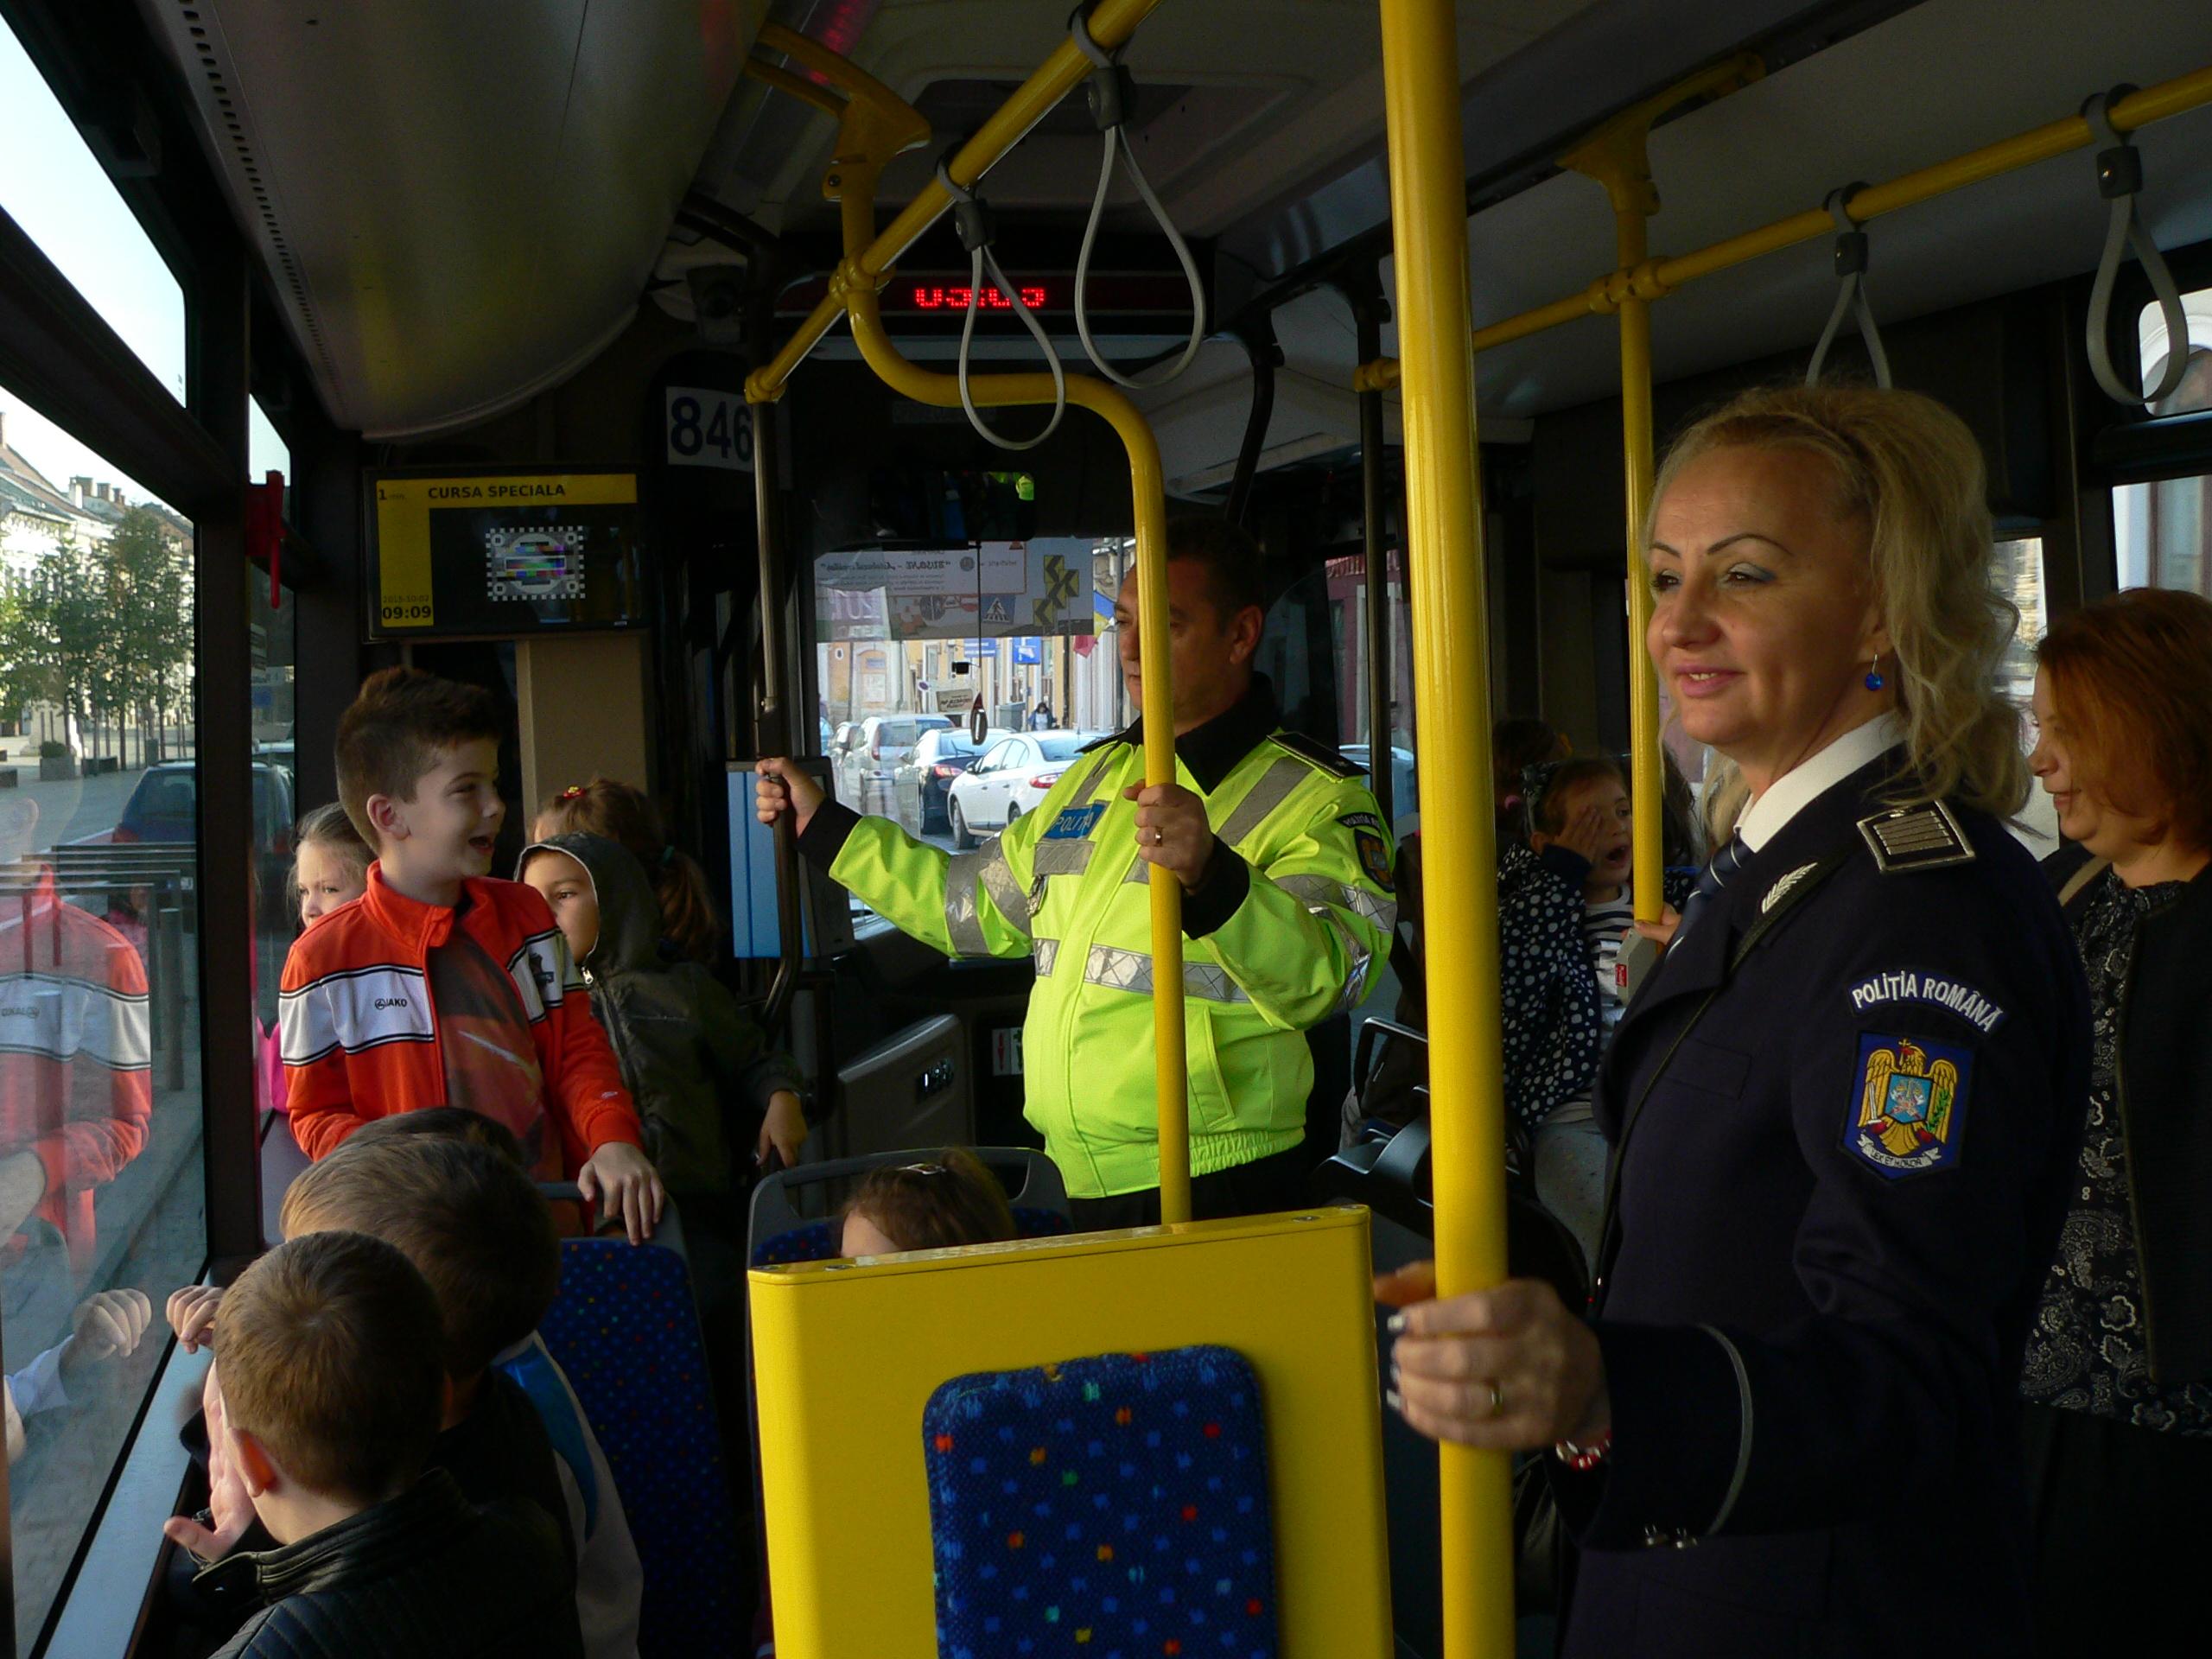 Campanie de educaţie rutieră: Busone – Autobuzul copiilor, Ediţia a II-a